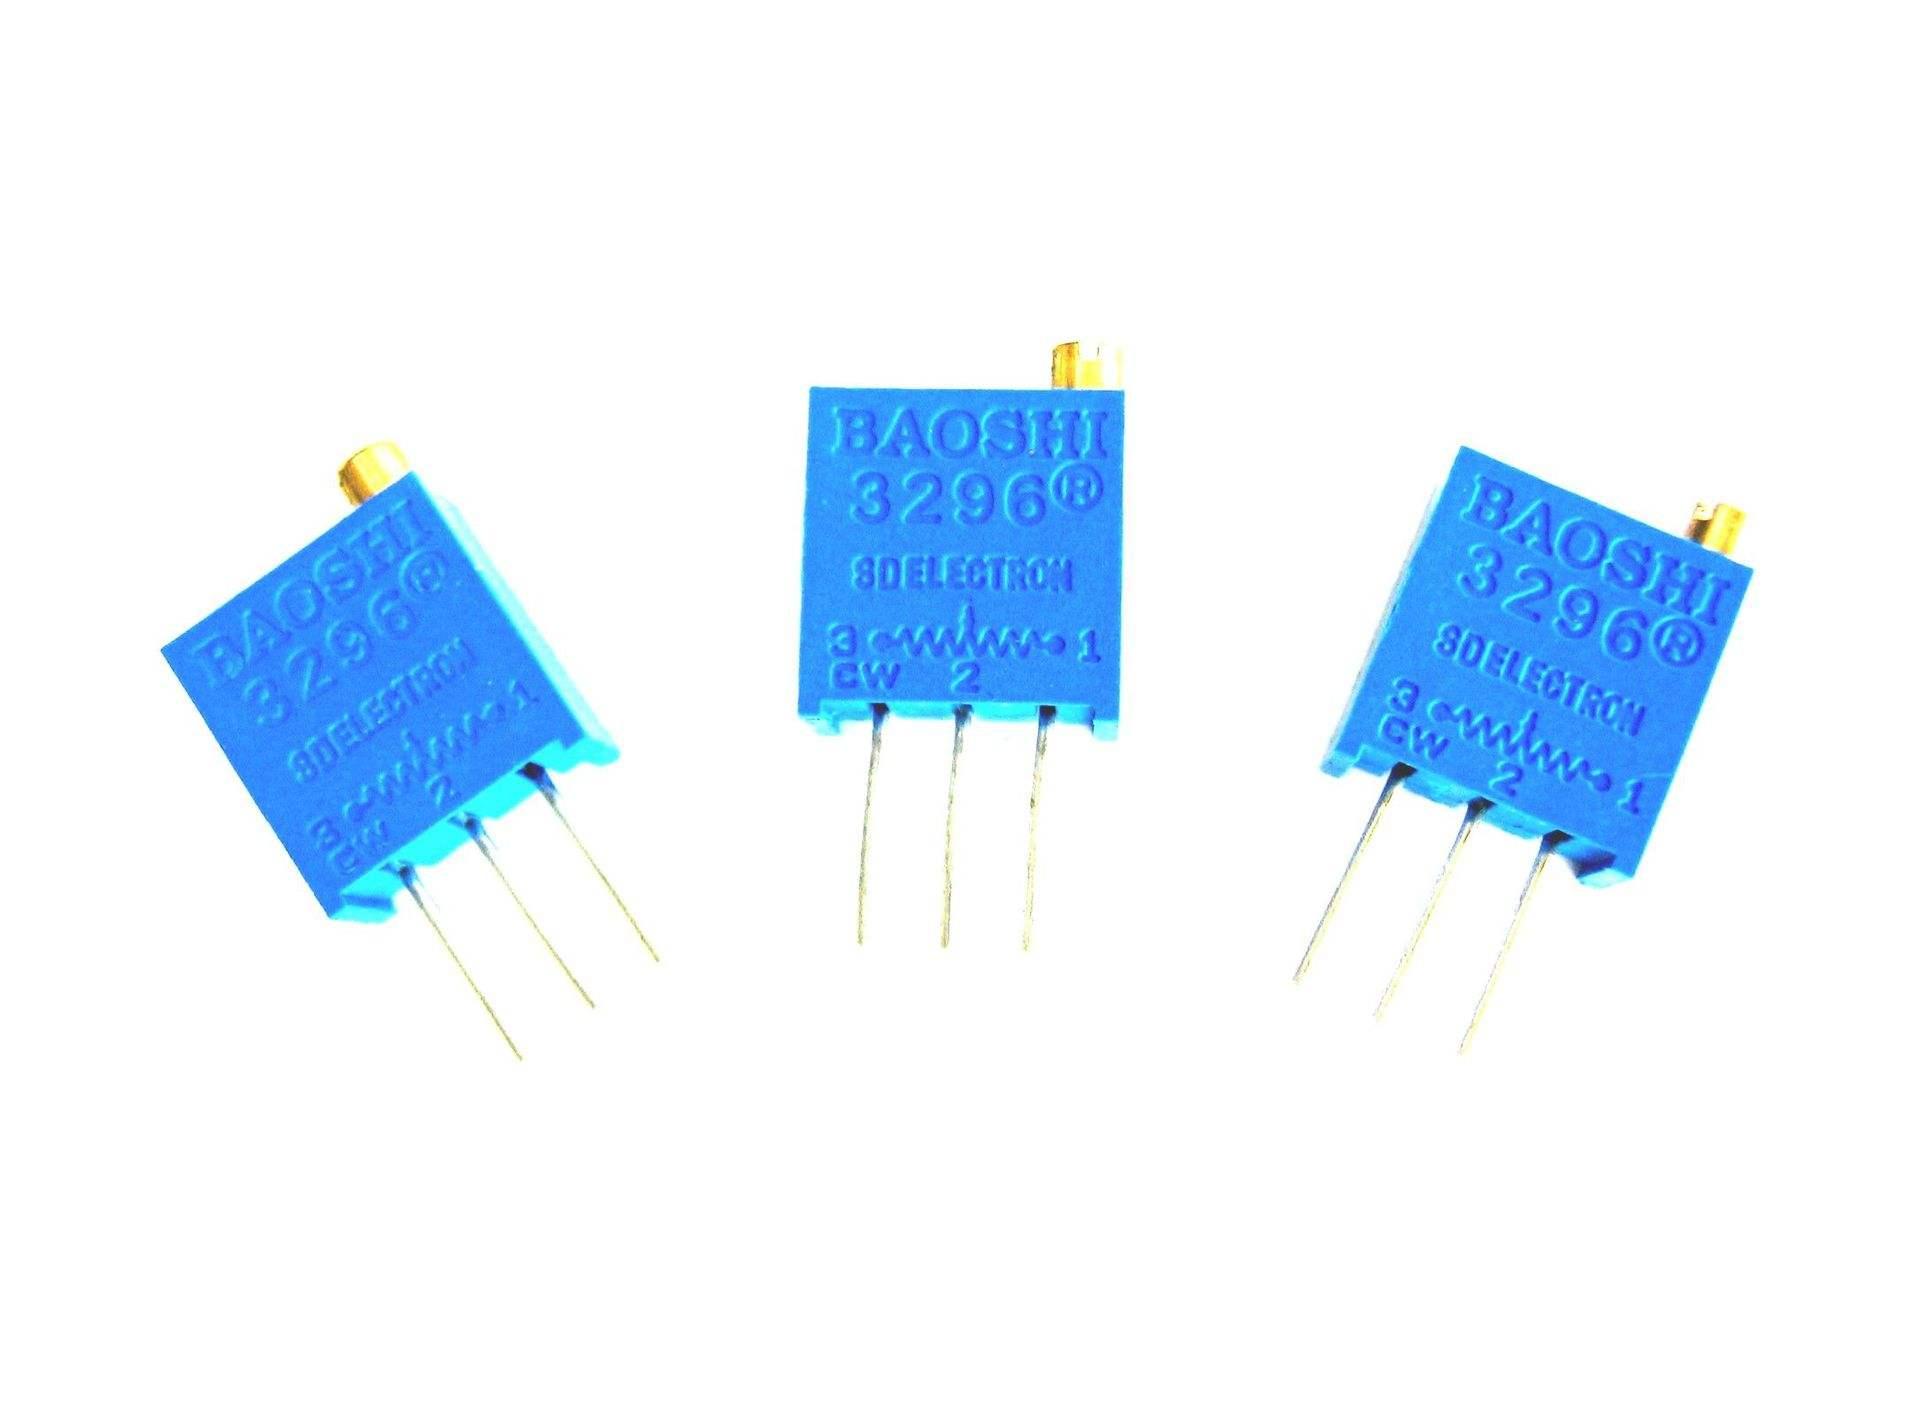 3296 прецизионный многооборотный регулируемый резистор / потенциометр с несколькими характеристиками дополнительно 1K 2K 5K 10K 200K 100